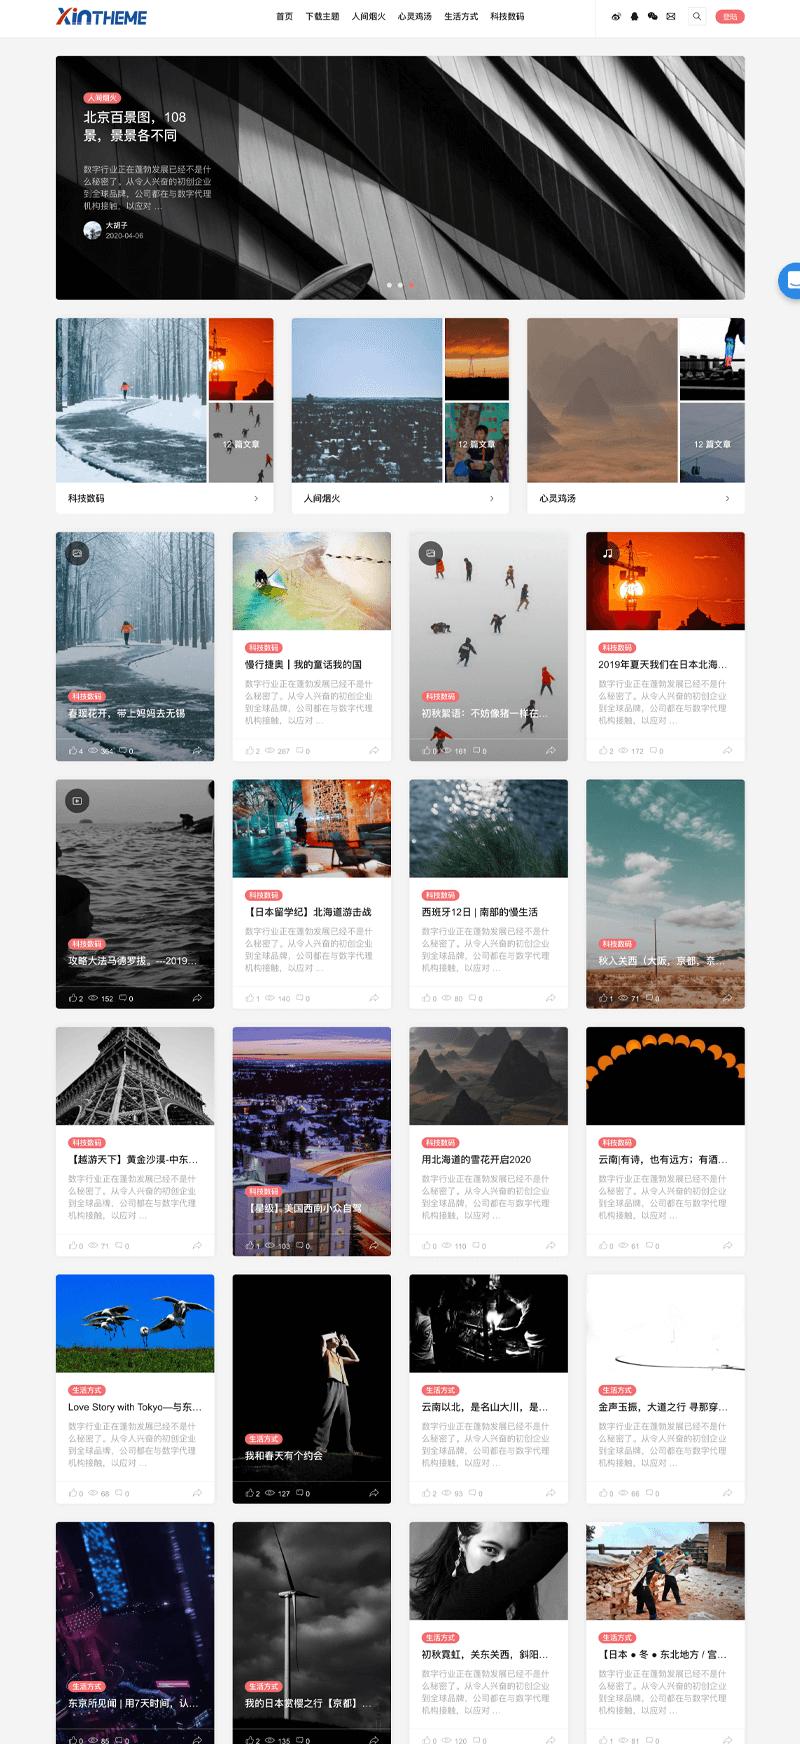 WordPress主题:Autumn,适用于博客 | 自媒体 | 科技 | 旅游资讯类网站